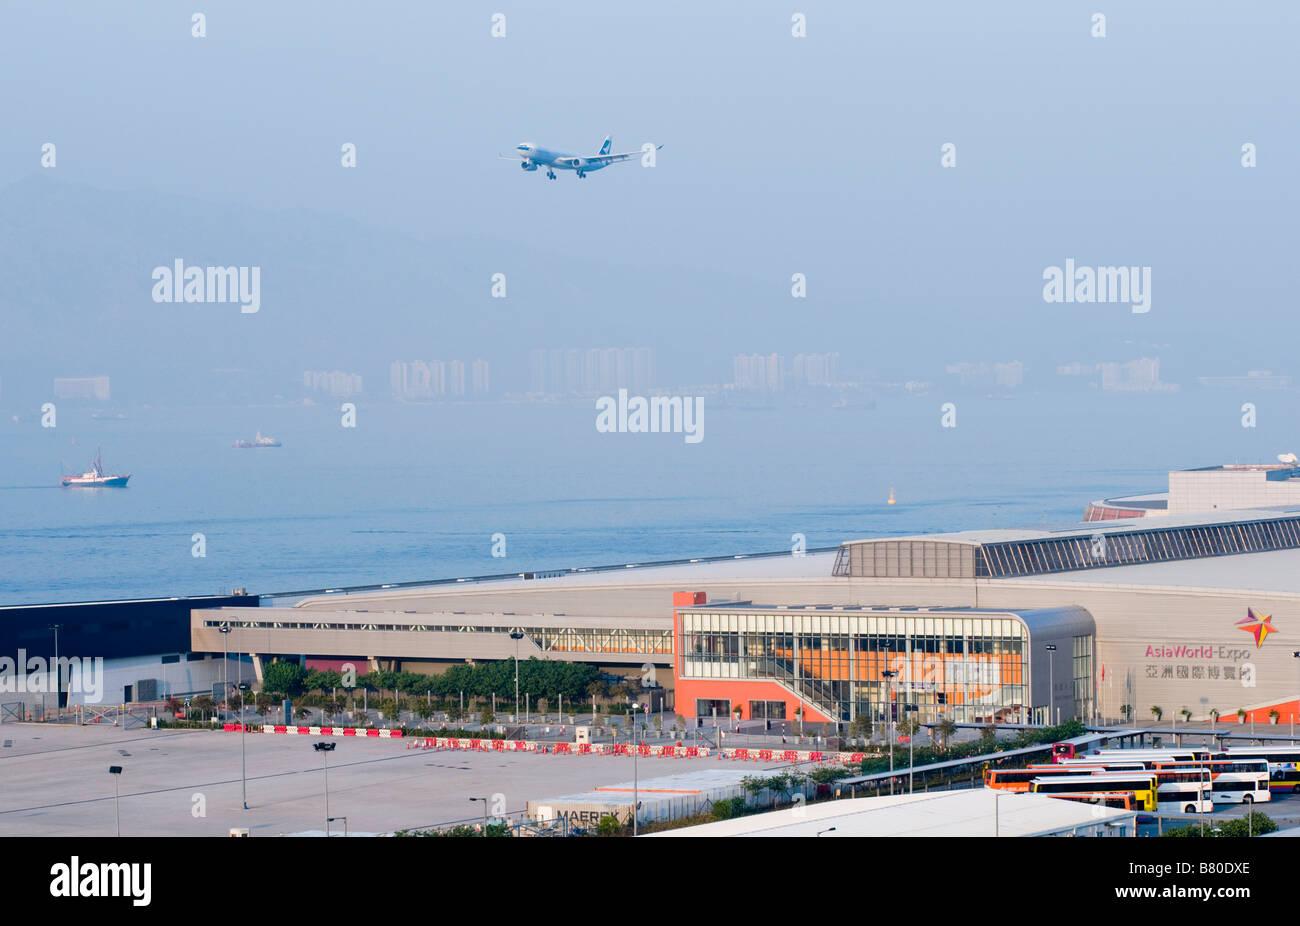 An airplane arrives at Hong Kong Chek Lap Kok Airport next to Asia World Expo in Hong Kong - Stock Image